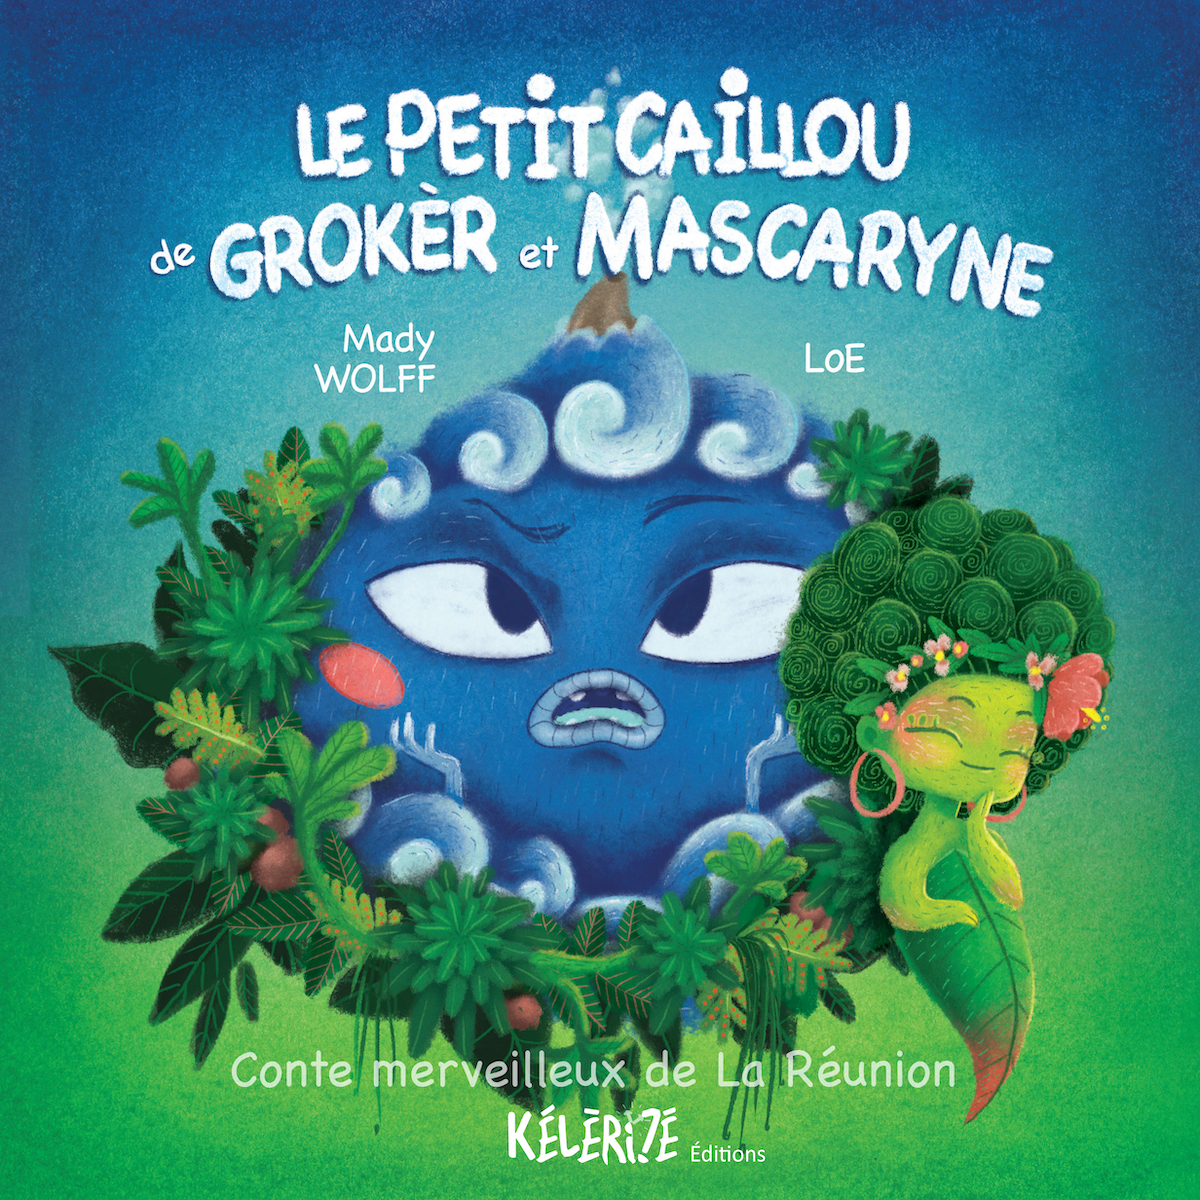 Le petit caillou de Grokèr et Mascaryne – Conte merveilleux de La Réunion